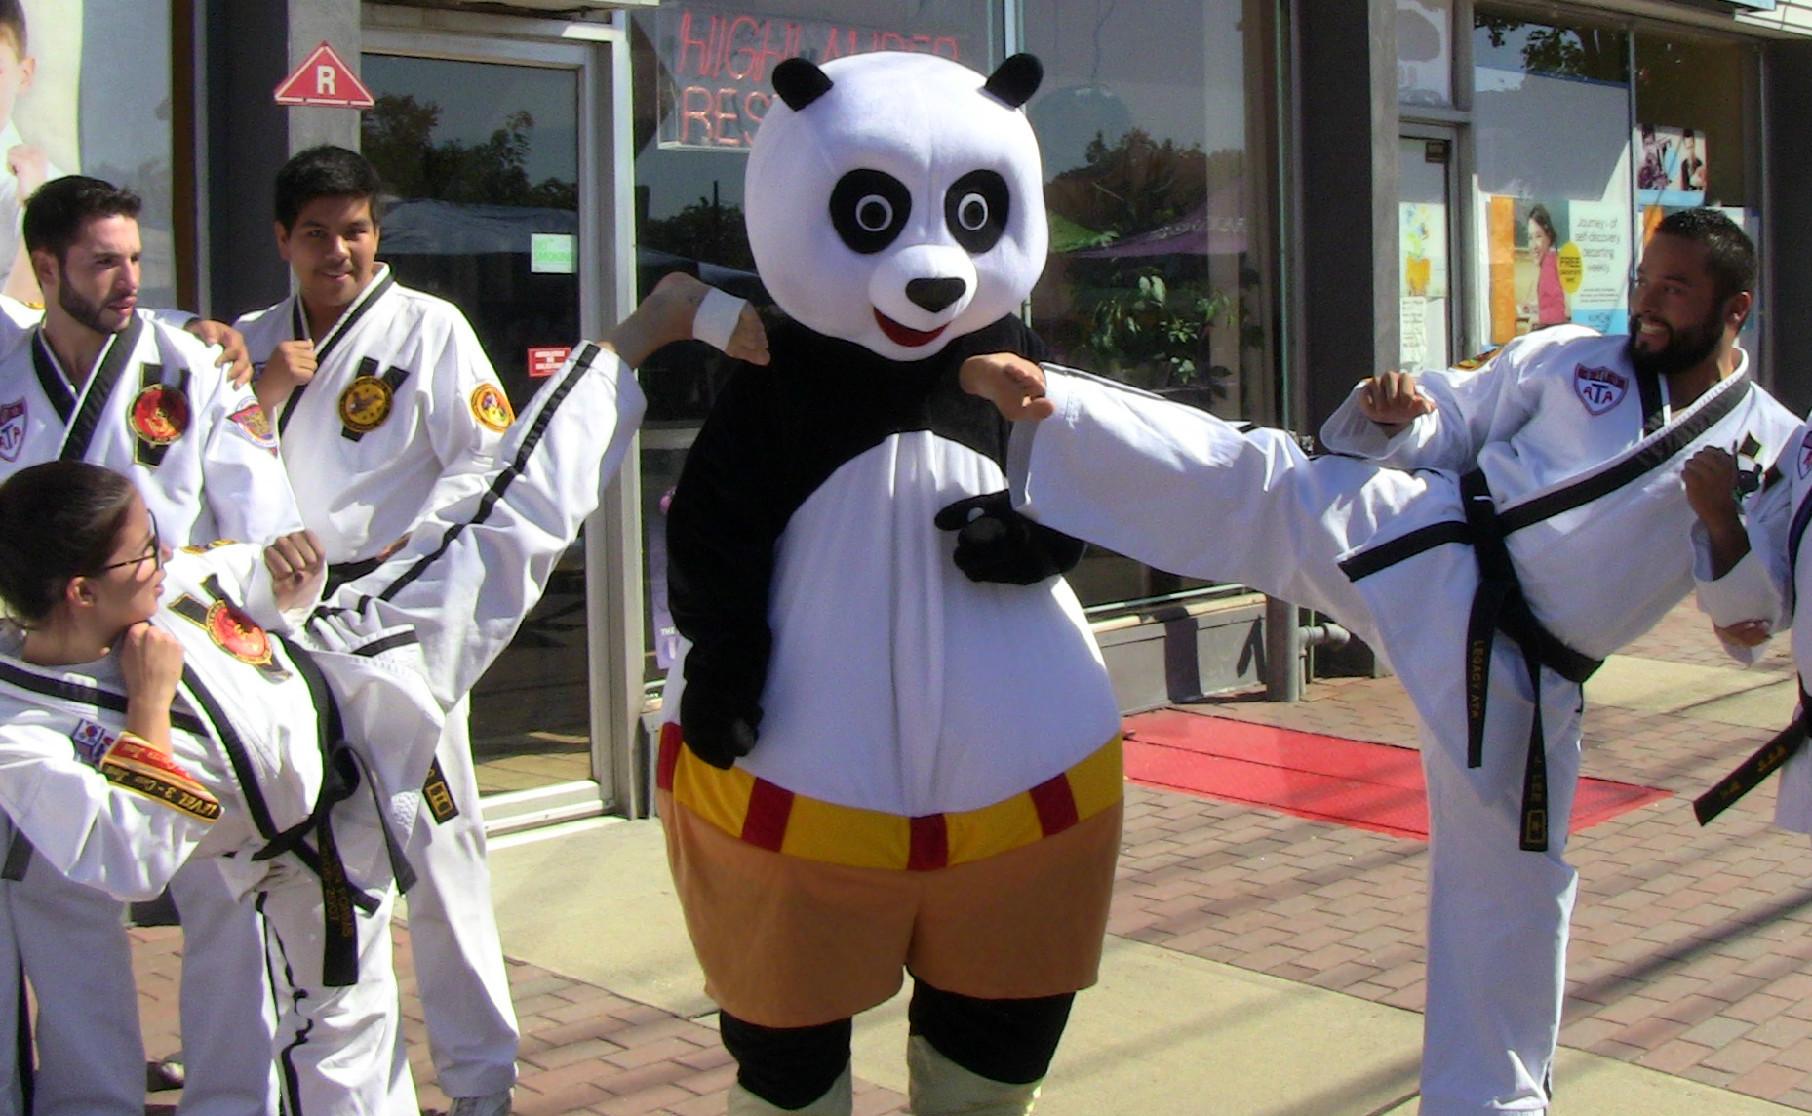 37518a186d5f1f45bc2d_Kung_Fu_Panda.jpg